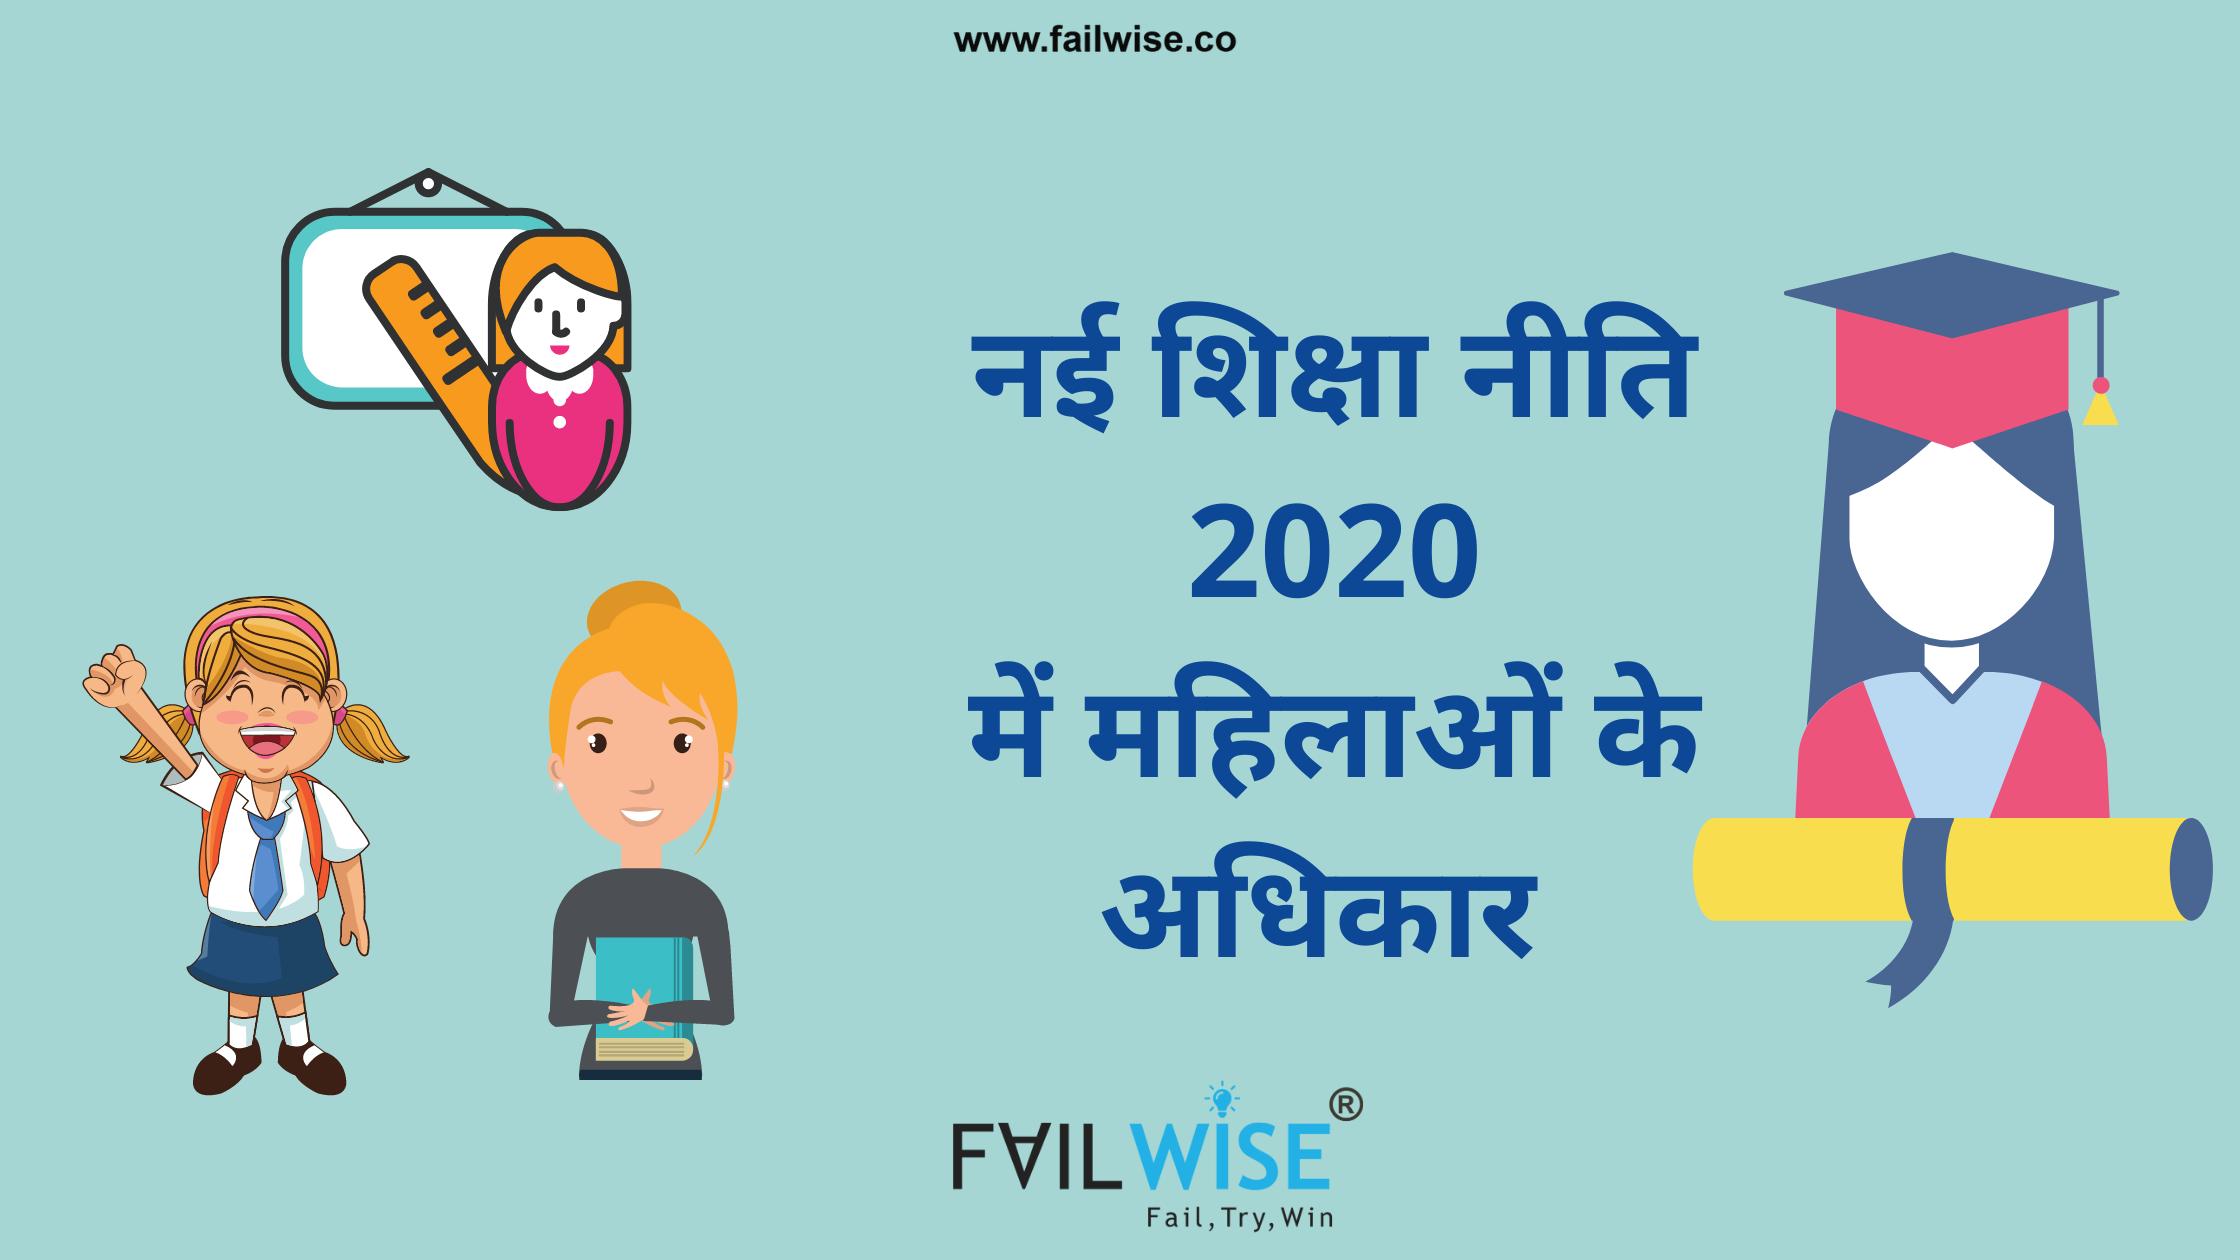 नई शिक्षा नीति 2020 में नारी शिक्षा एवं सशक्तिकरण